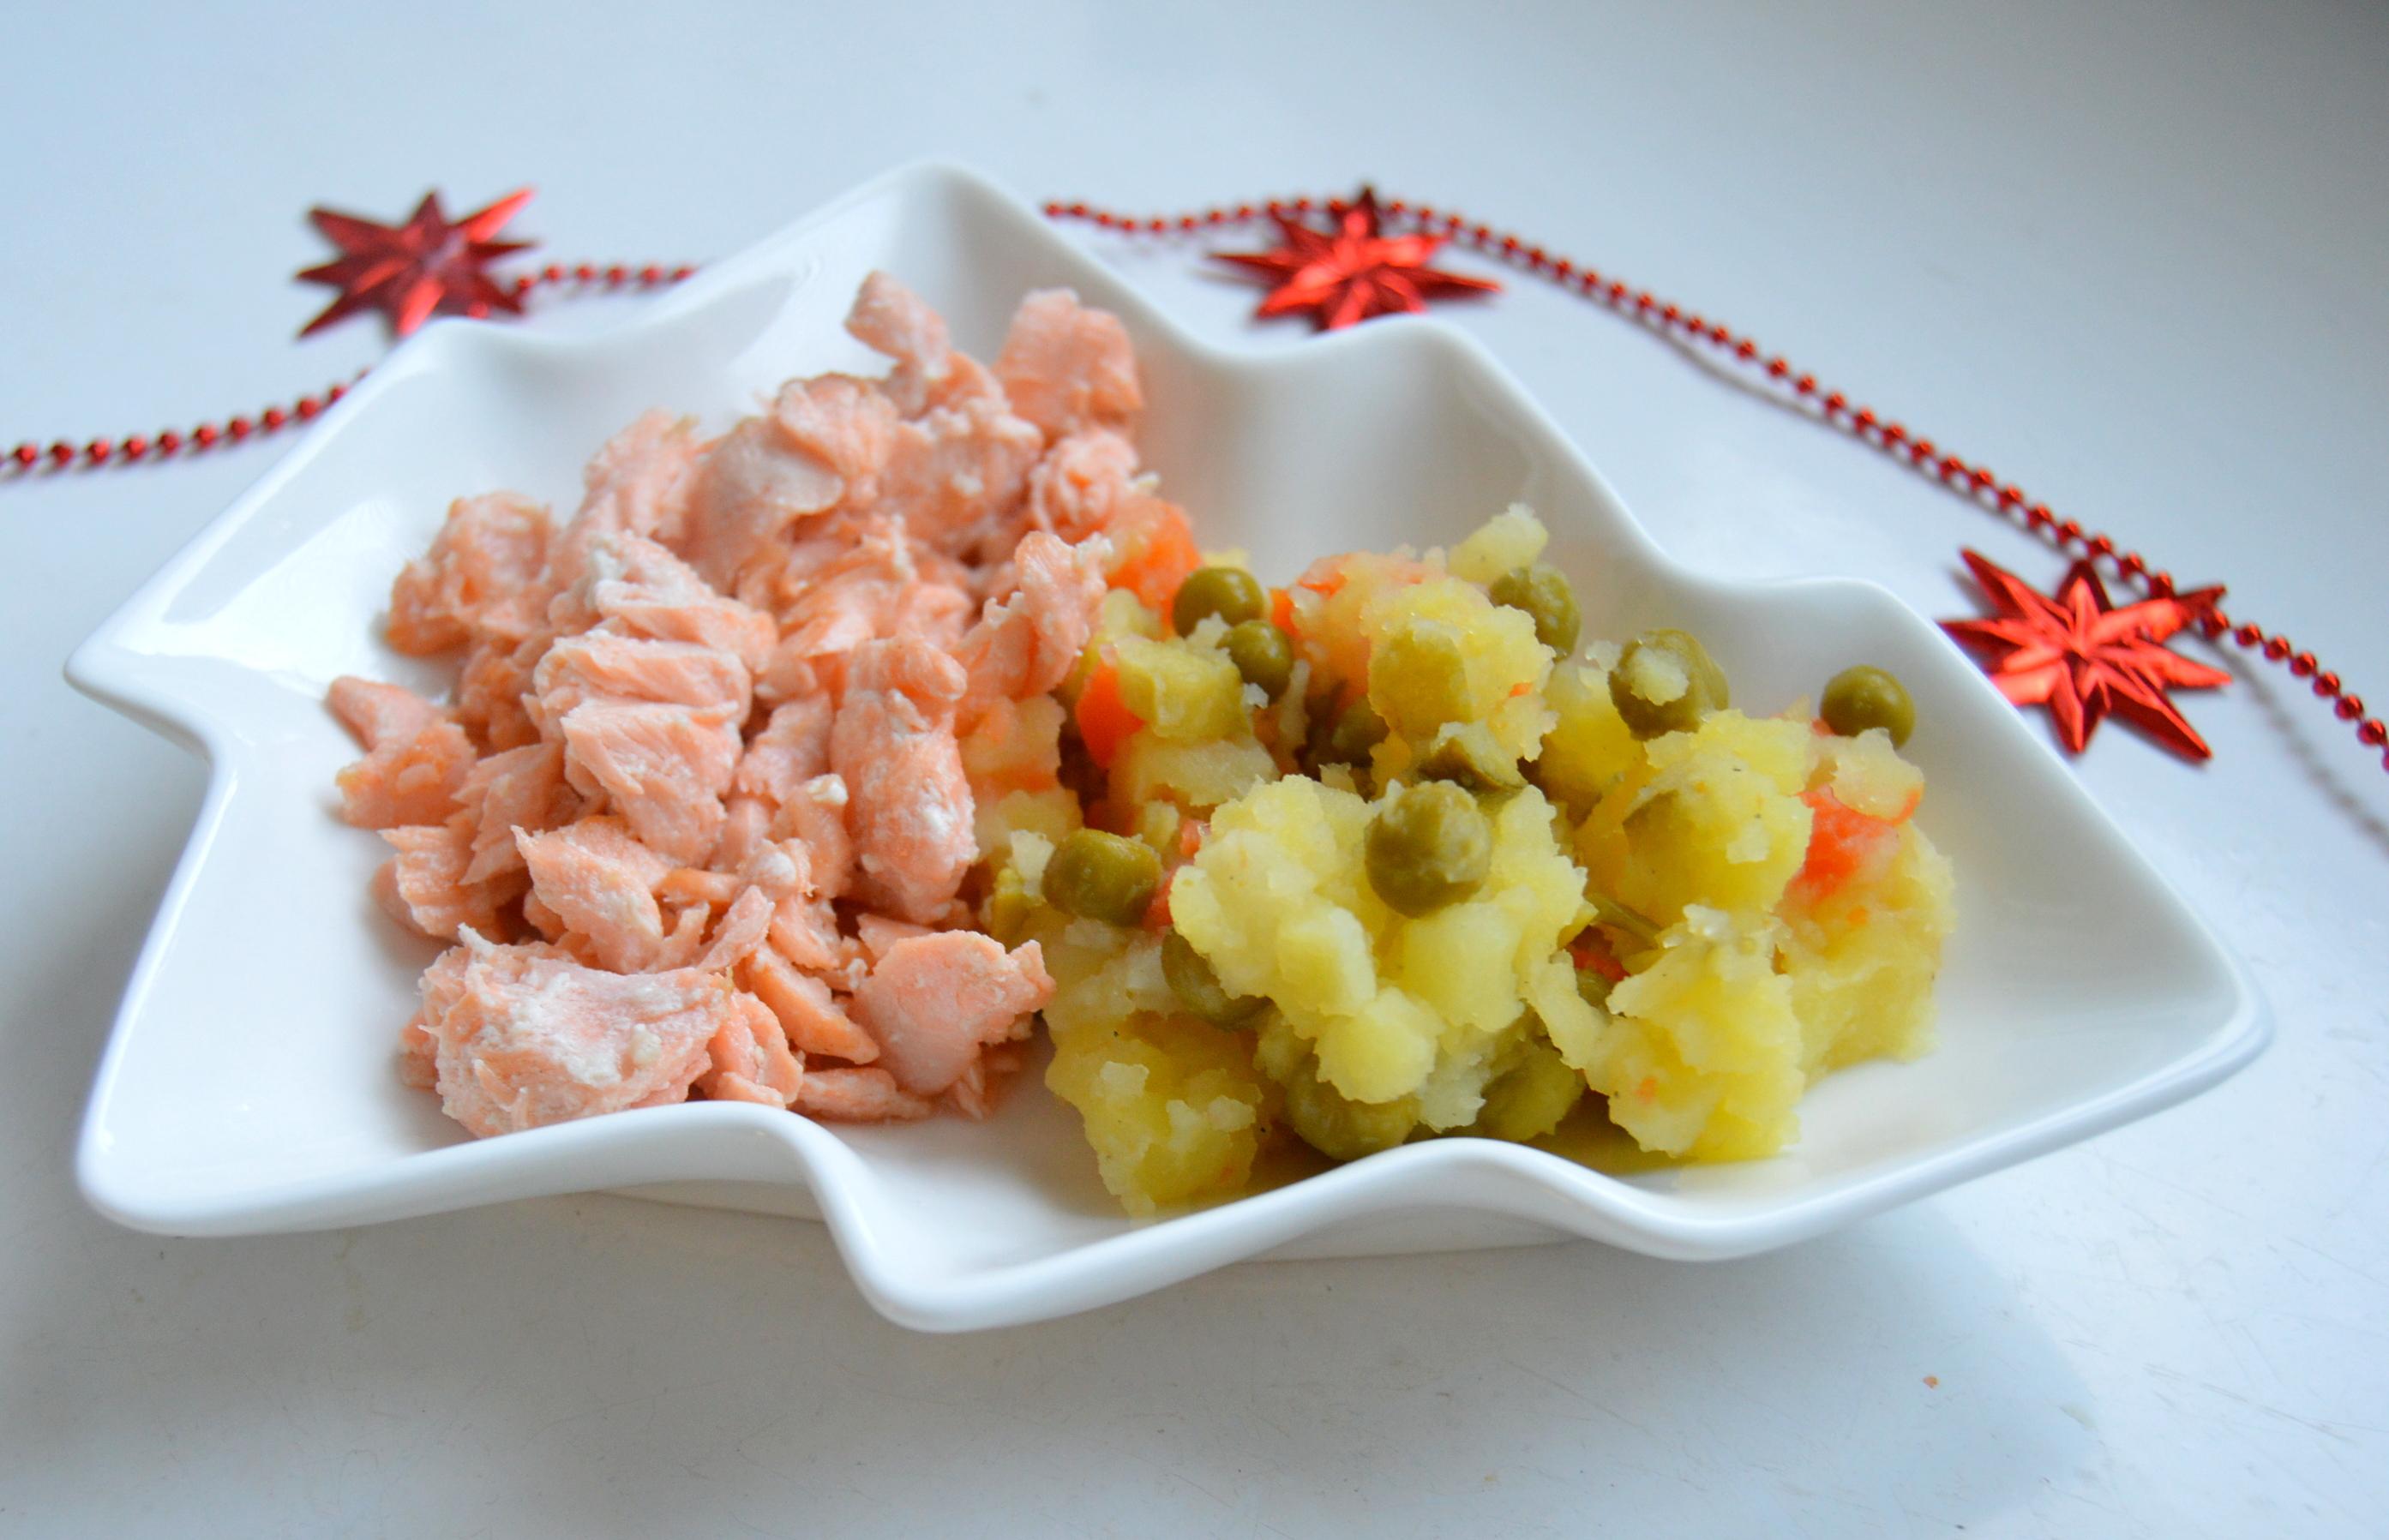 Fotografie receptu: Lehké štědrovečerní menu pro děti